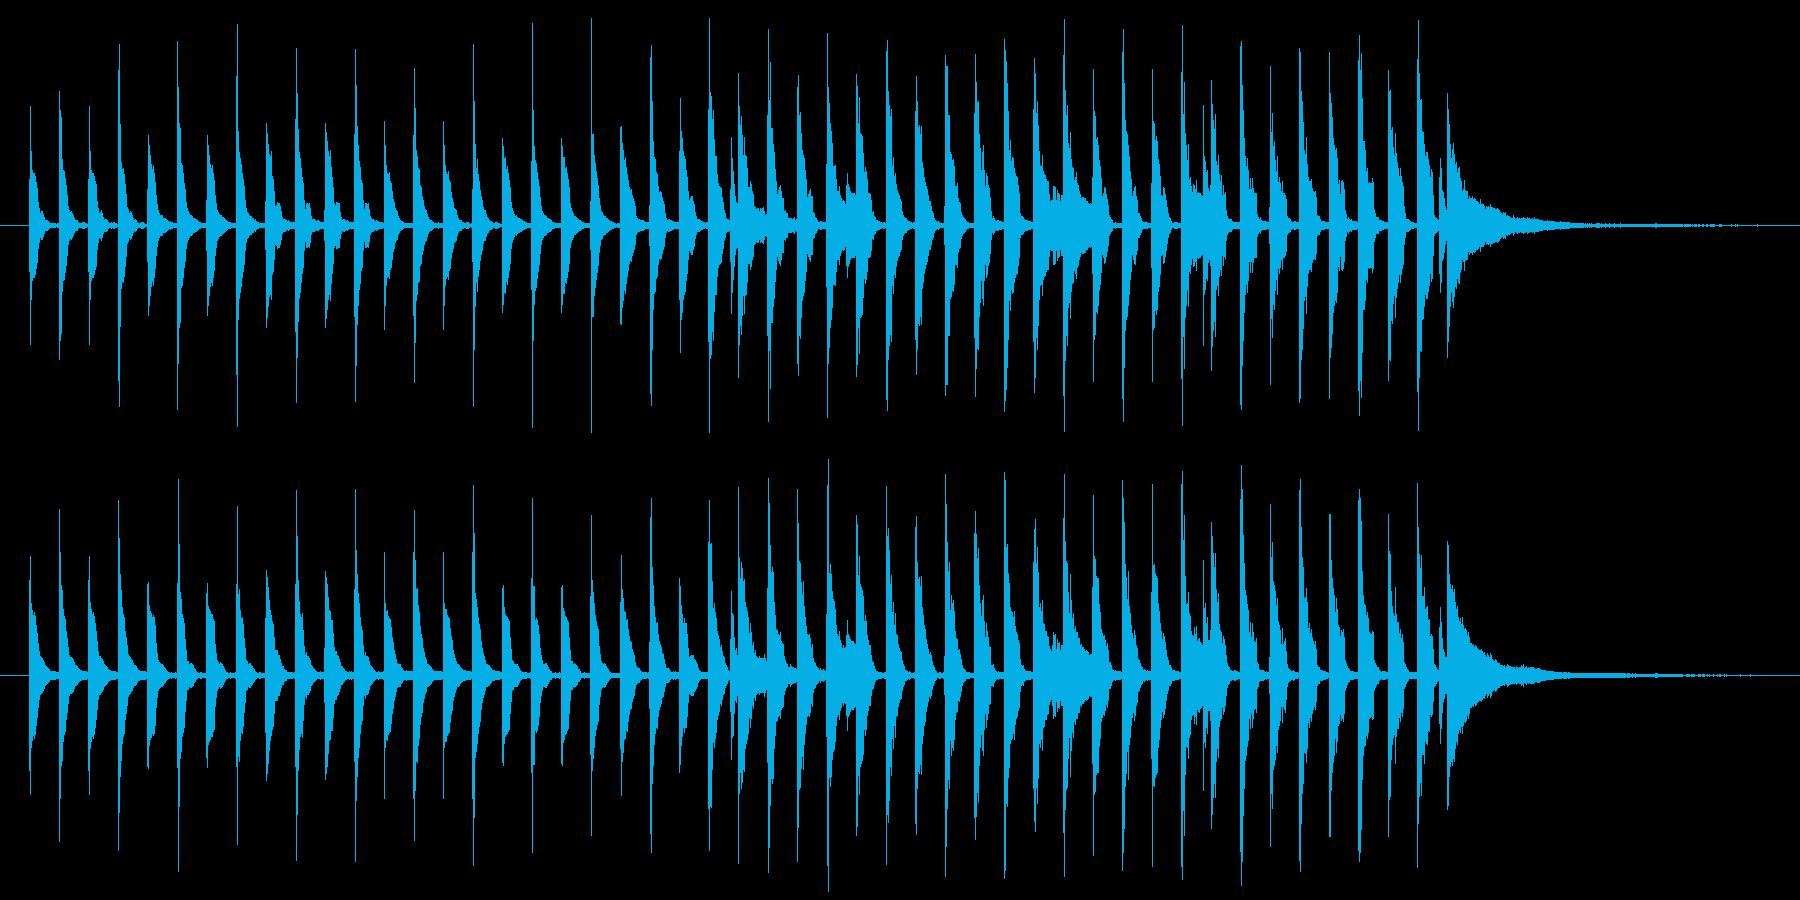 わくわくするポップな曲の再生済みの波形